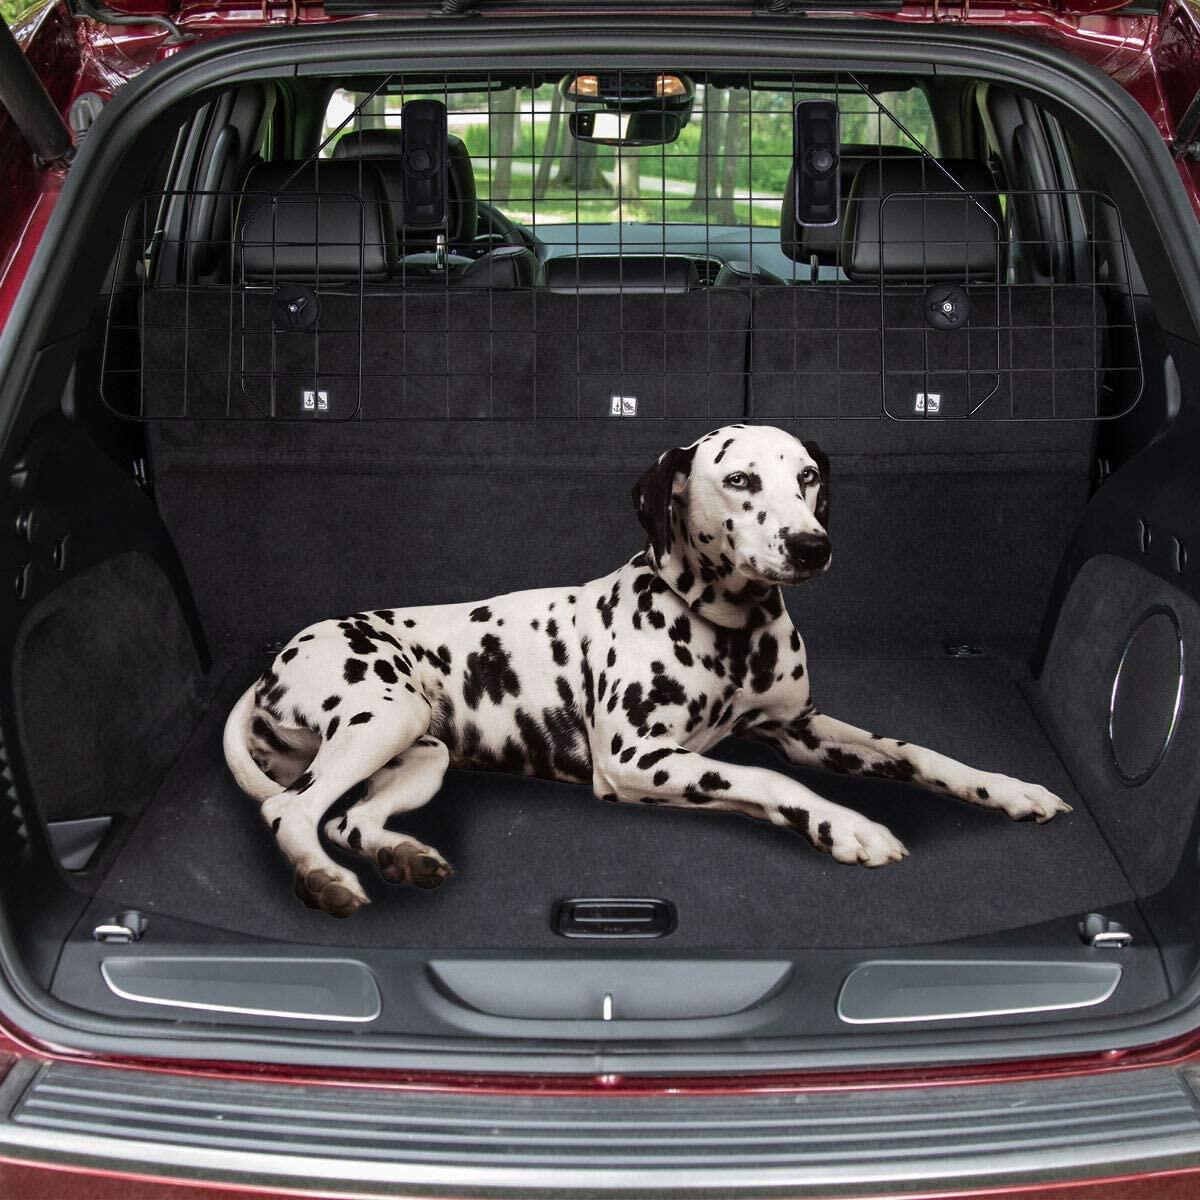 VaygWay Dog Car Pet Barrier – Adjustable Pet Gate Dog Fence – Vehicle Separation Dog Pet Barrier - Universal SUV Car Vehicle Fit